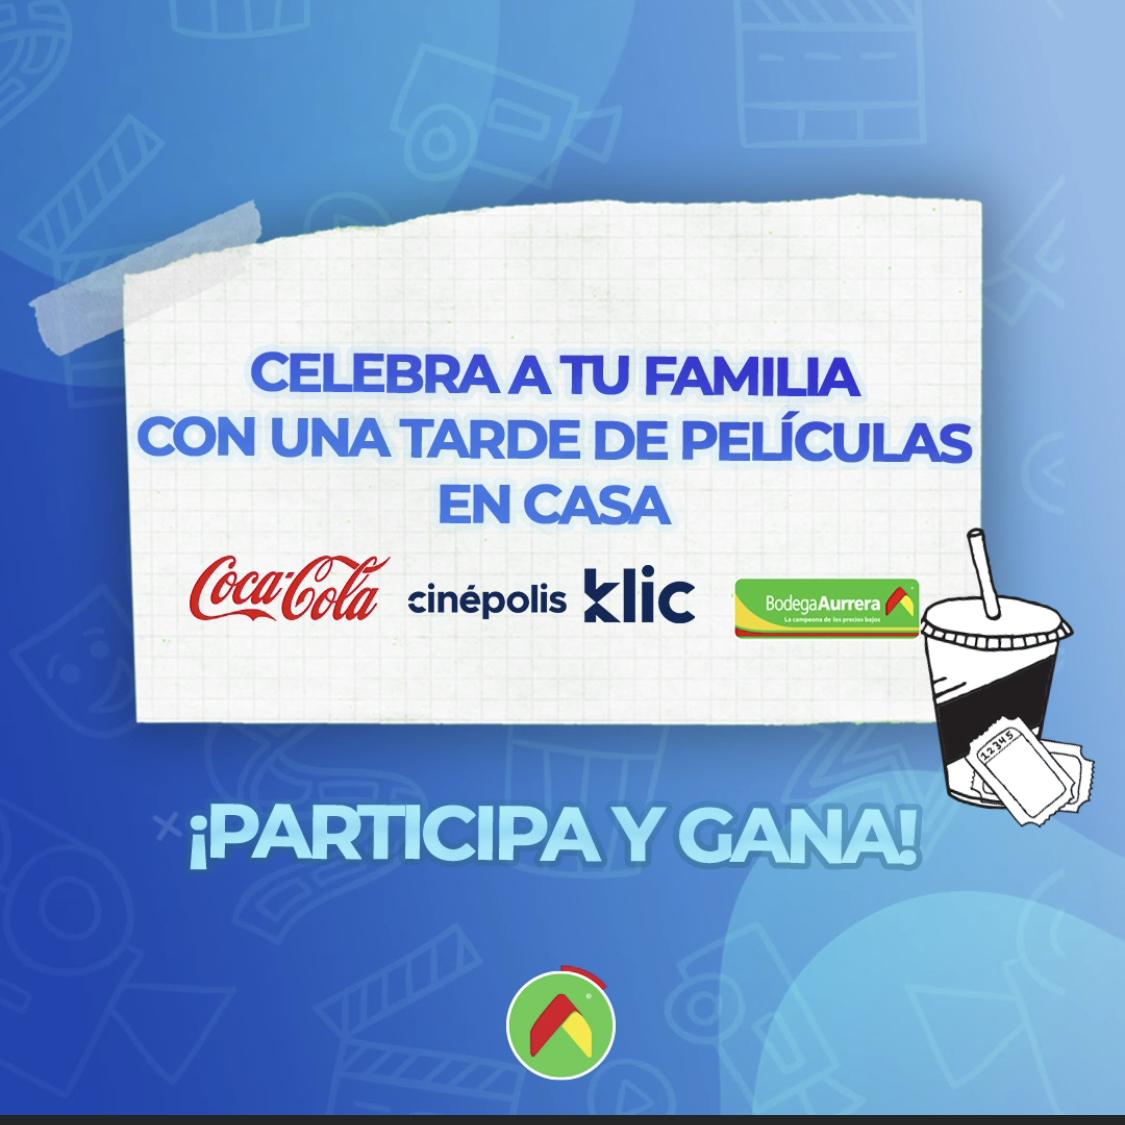 Cinepolis Klic: 2 códigos gratis en compra de productos Coca Cola en Bodega Aurrera